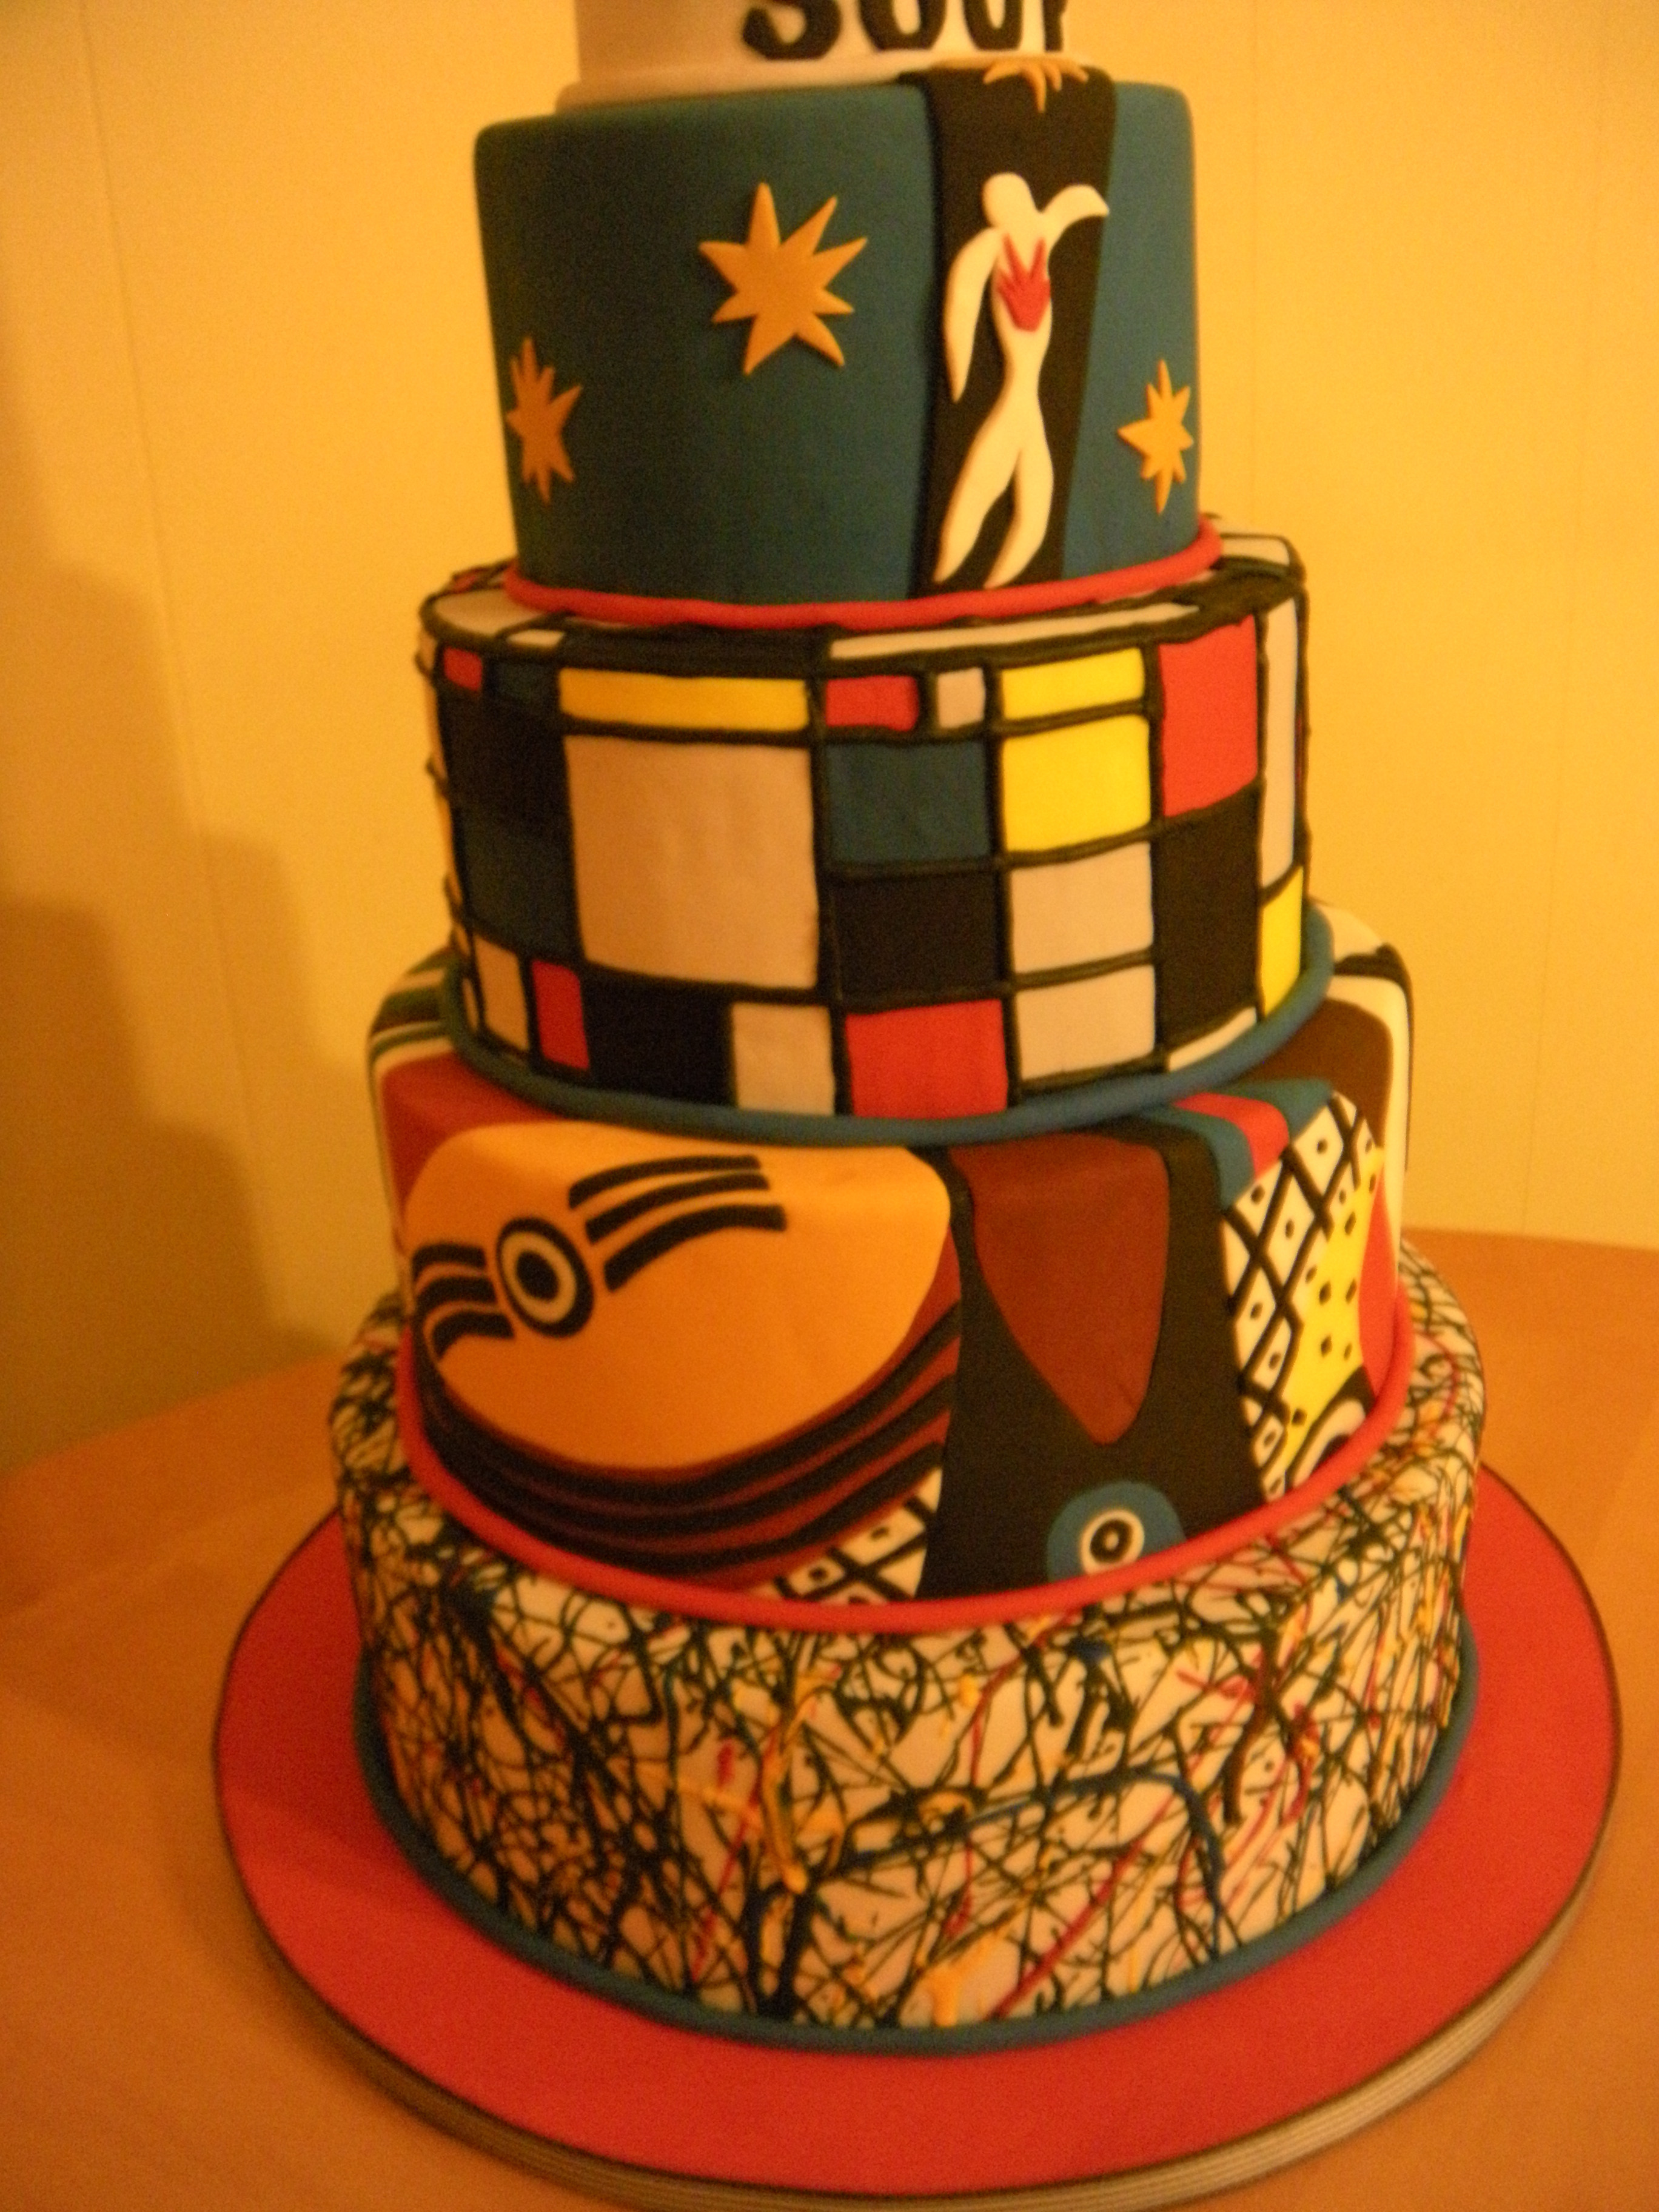 Artsy Birthday Cake  Artsy Fartsy Cake Inspired by Pollock Picasso Mondrian